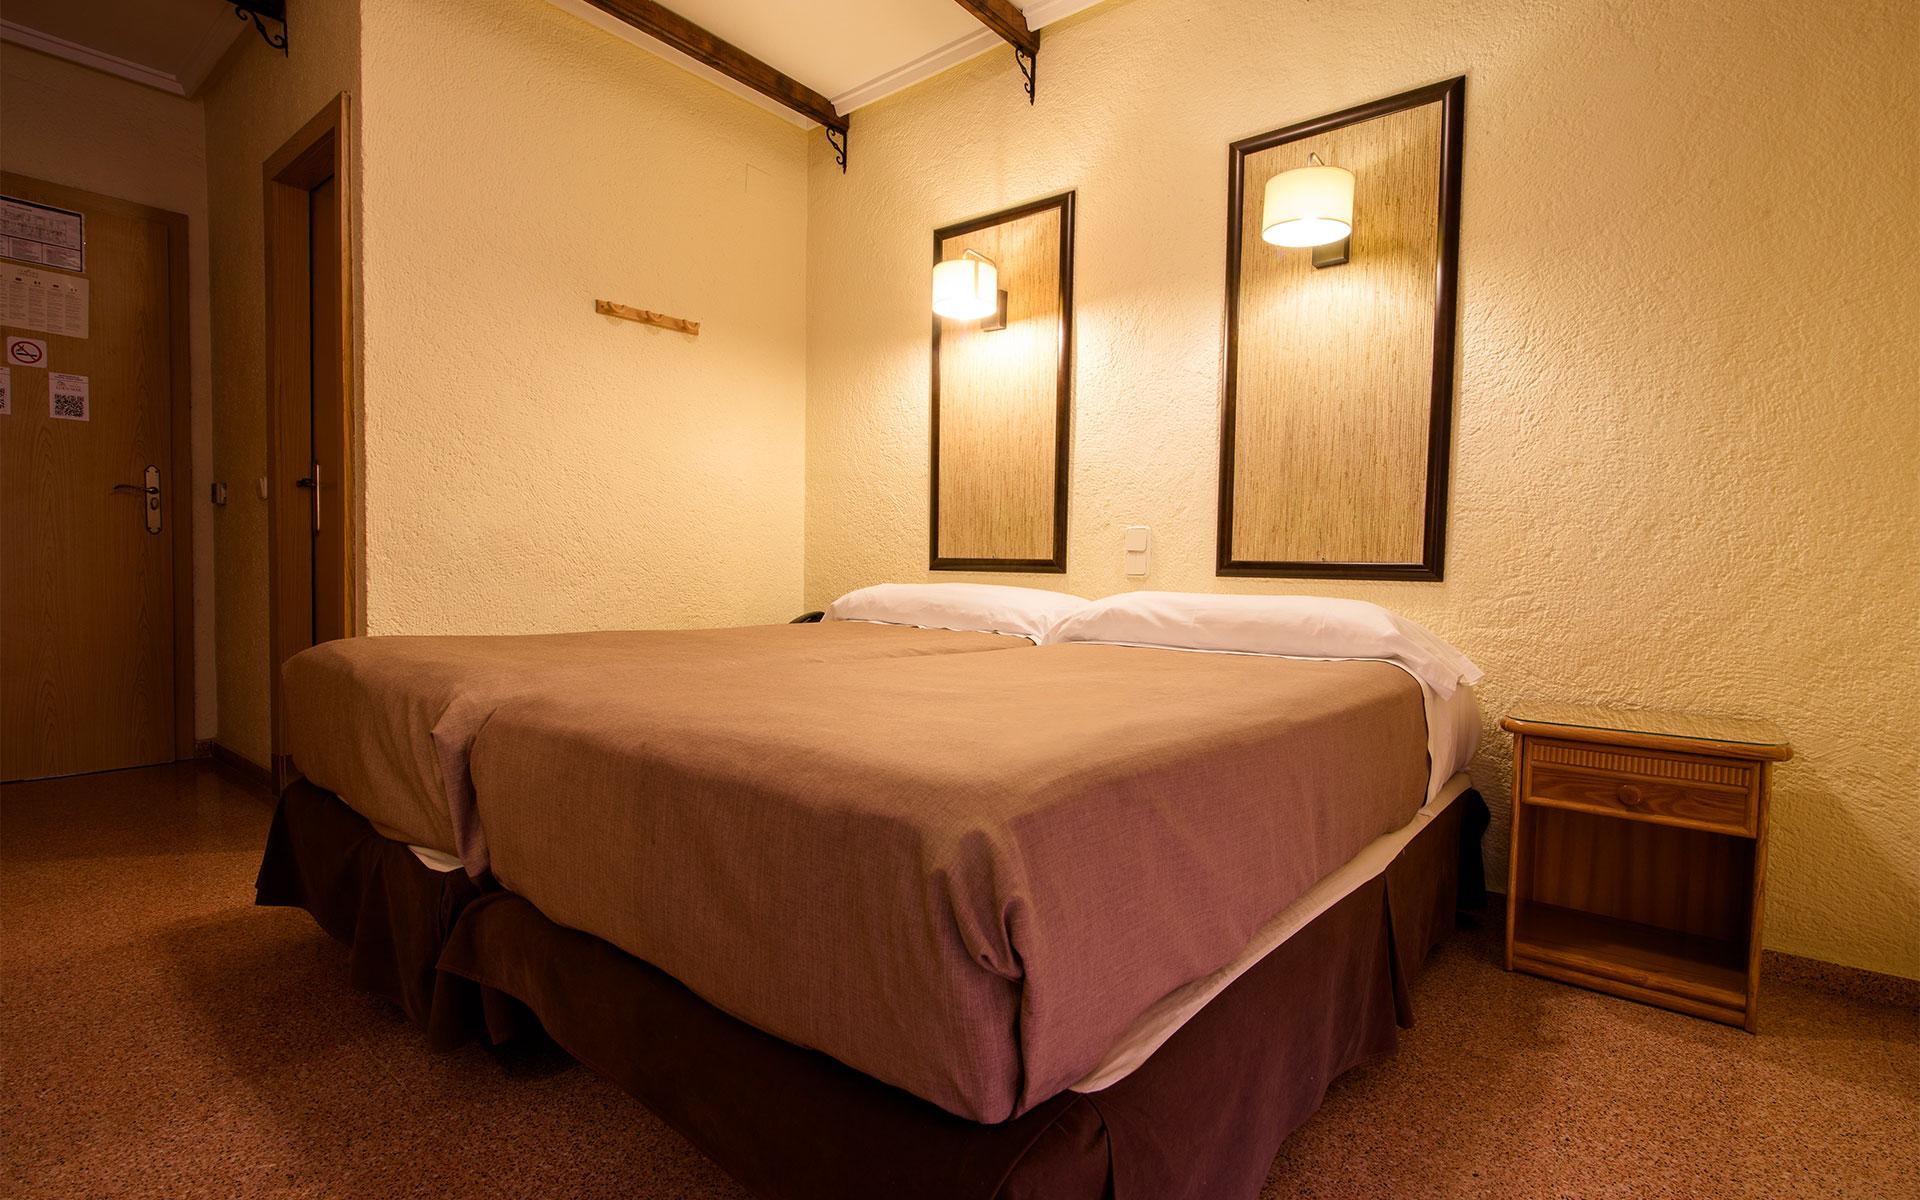 Room Twin Hotel Eden Mar Guardamar del Segura